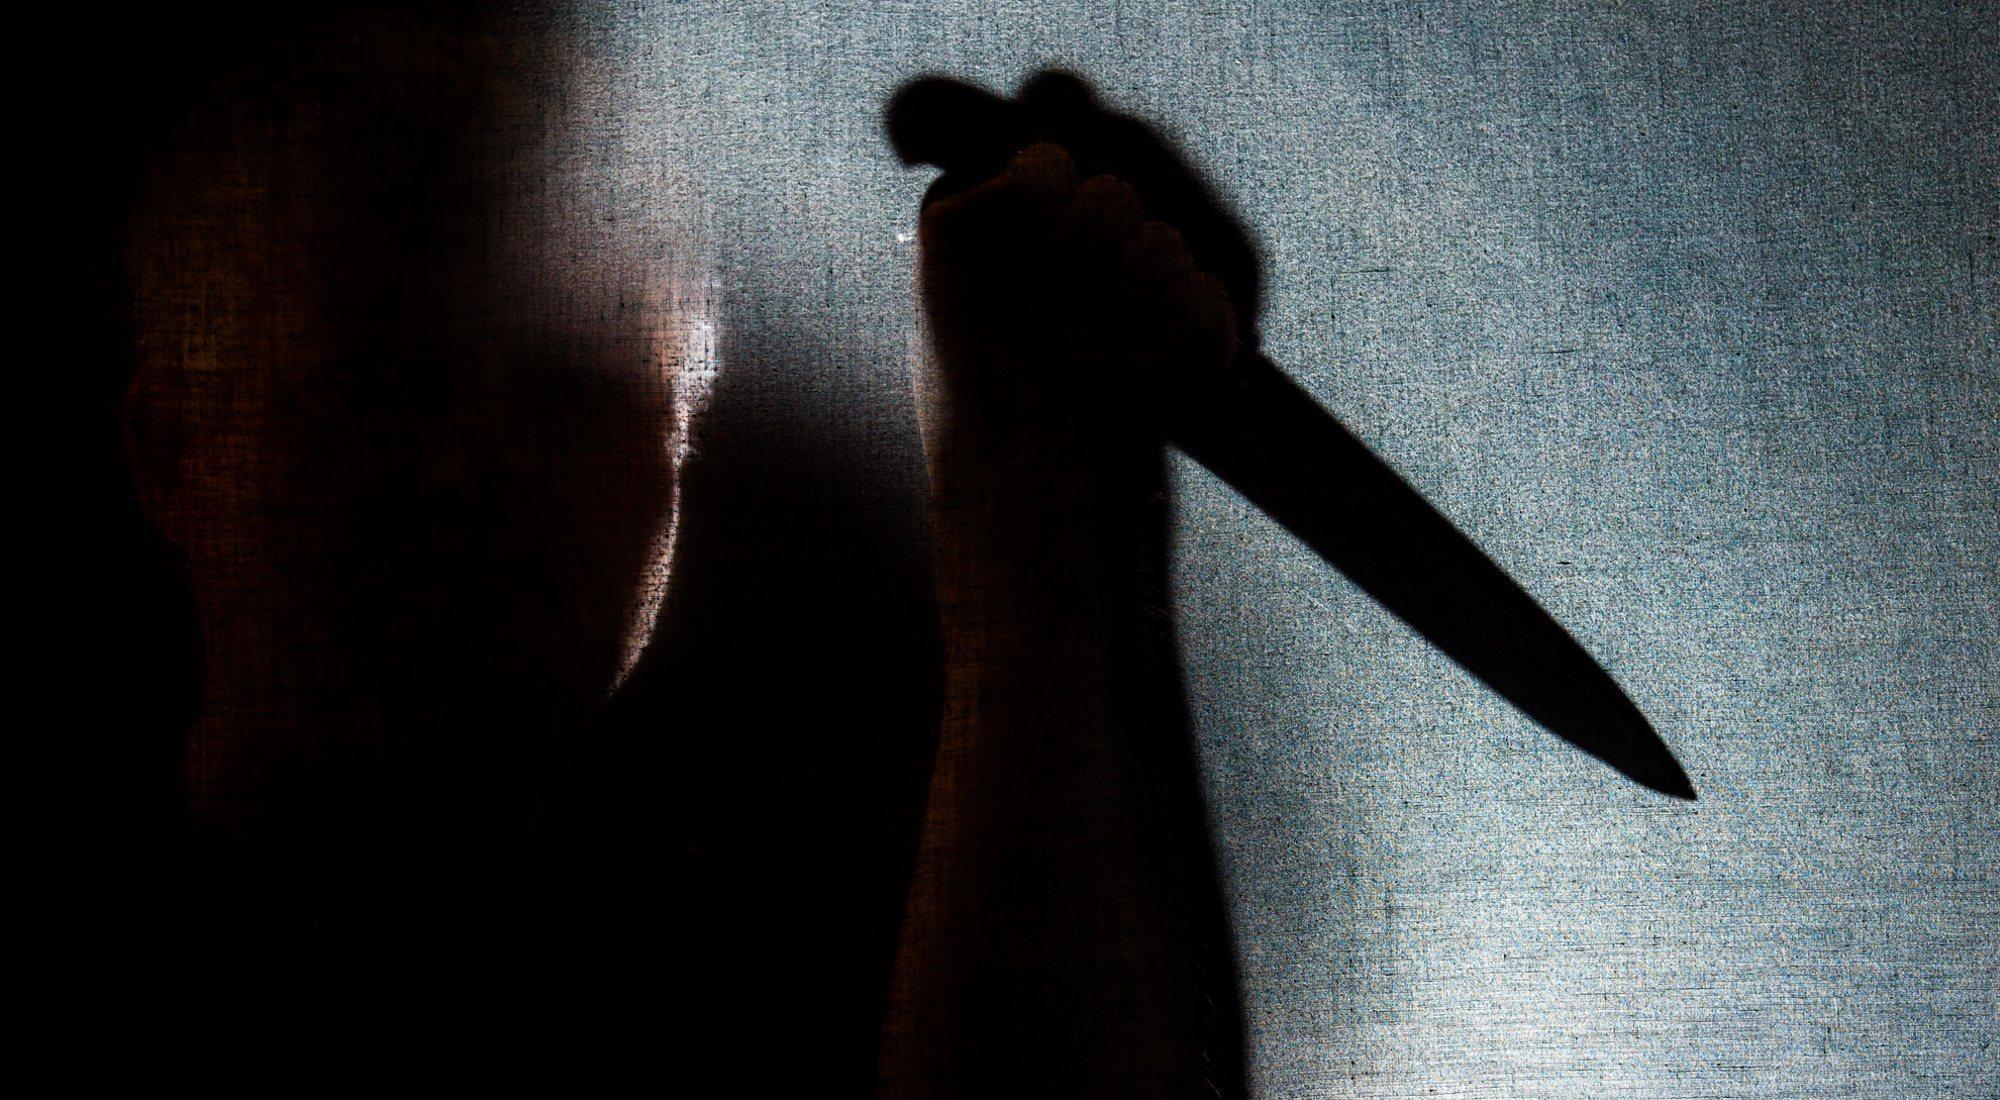 Violencia en el cine y la TV: atractivos, consecuencias y soluciones